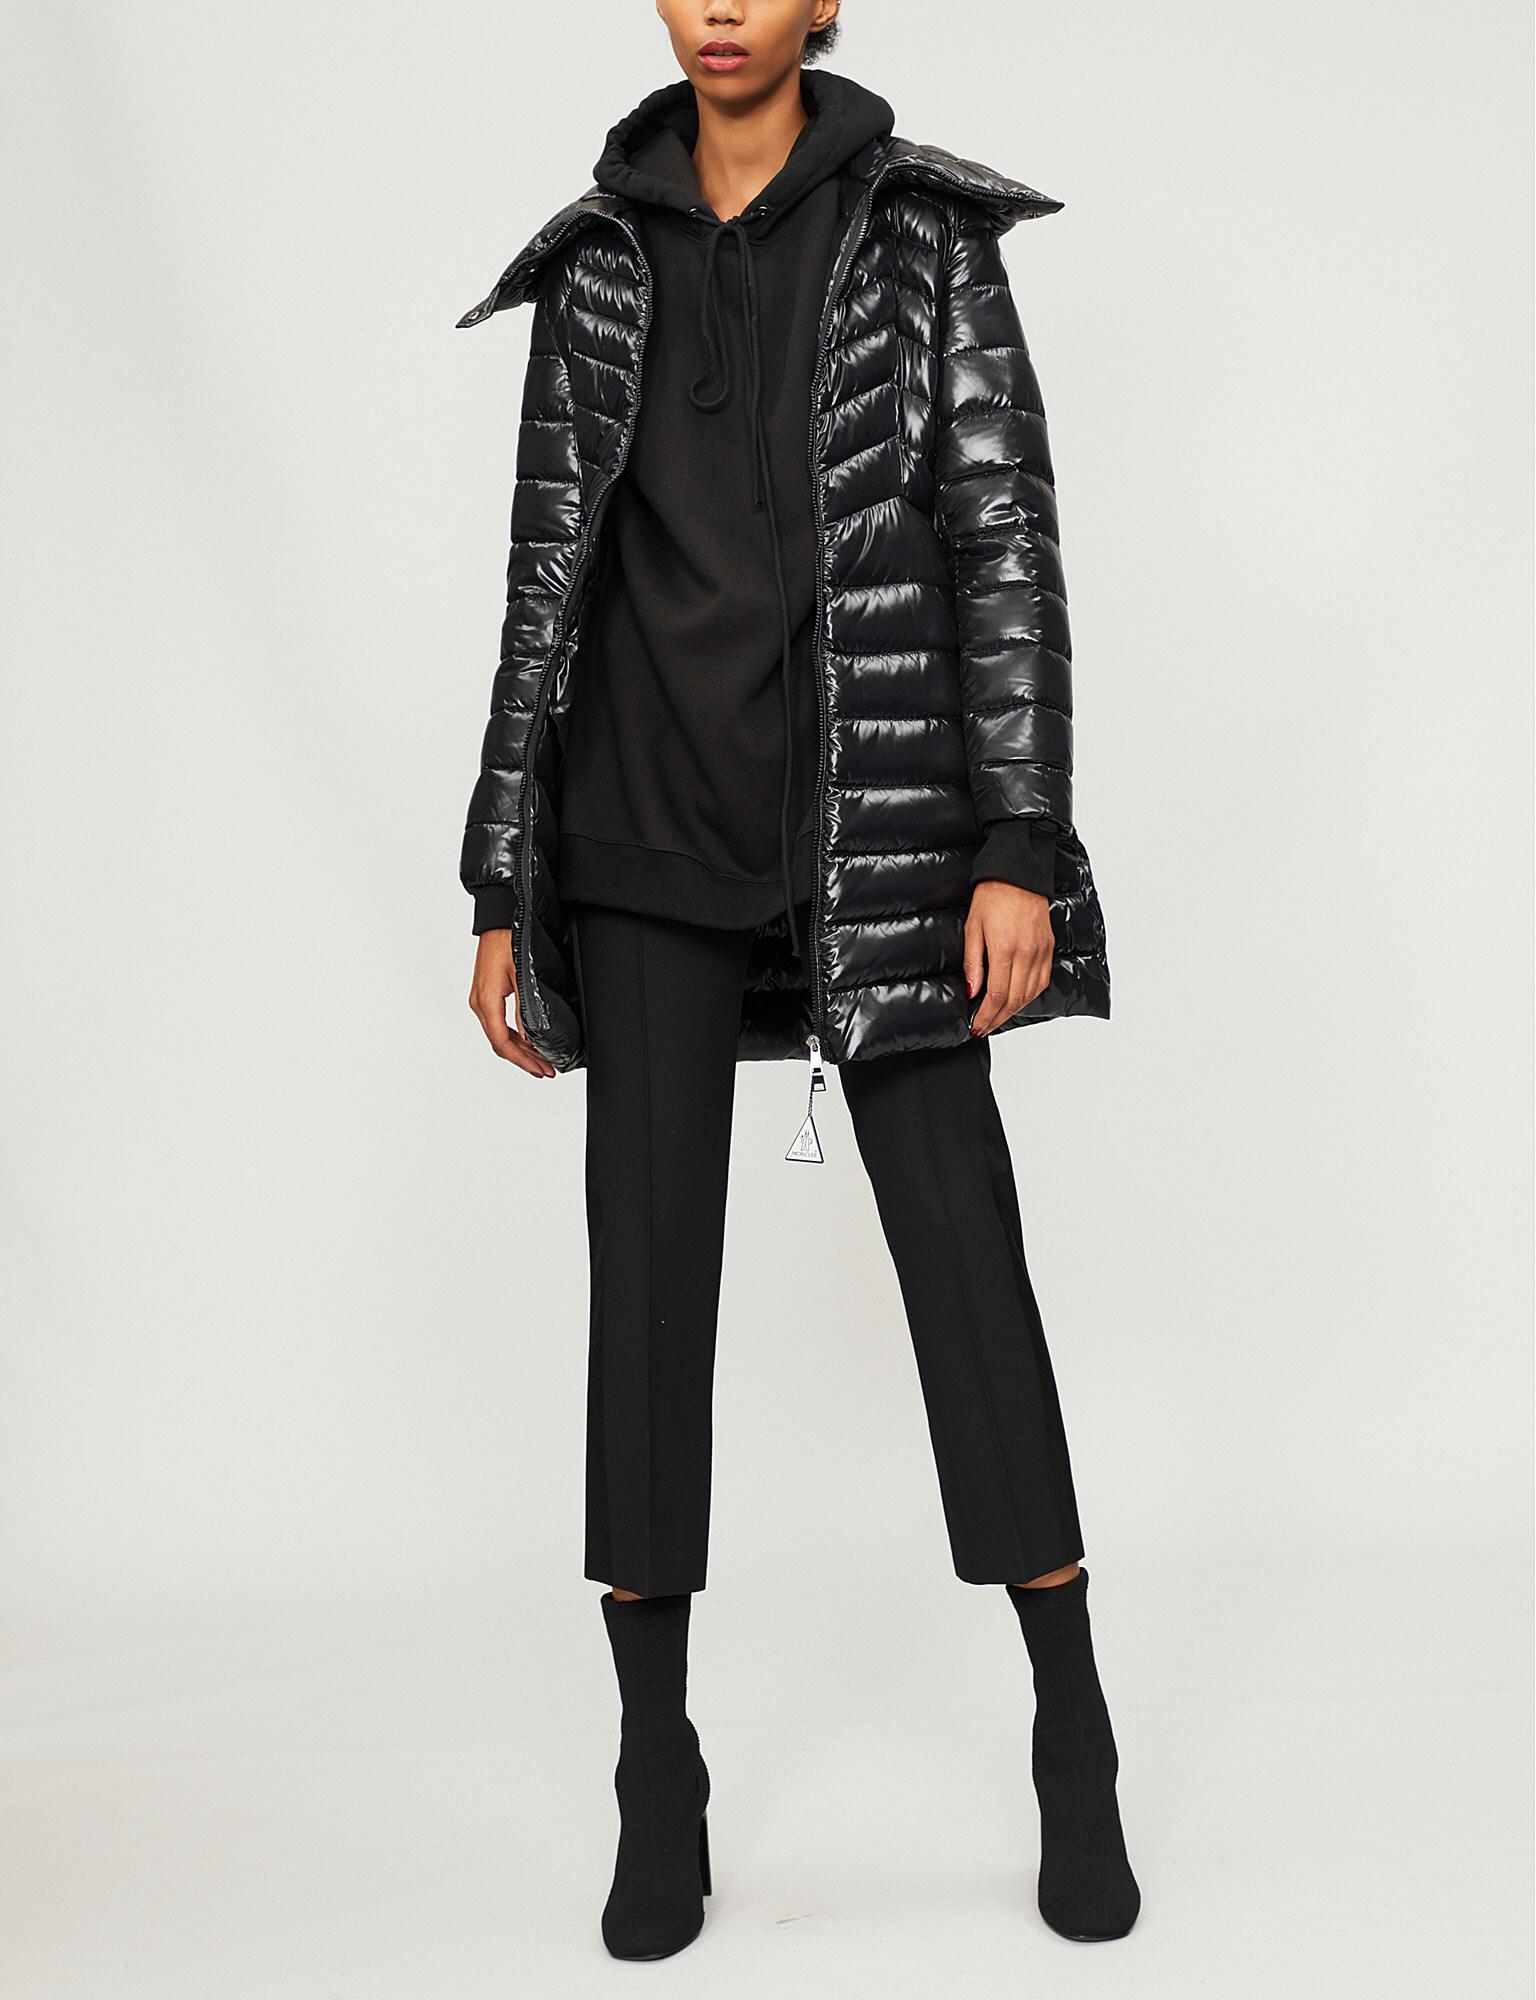 95eaae92a best price moncler jacket selfridges ireland 28d4a 47a72